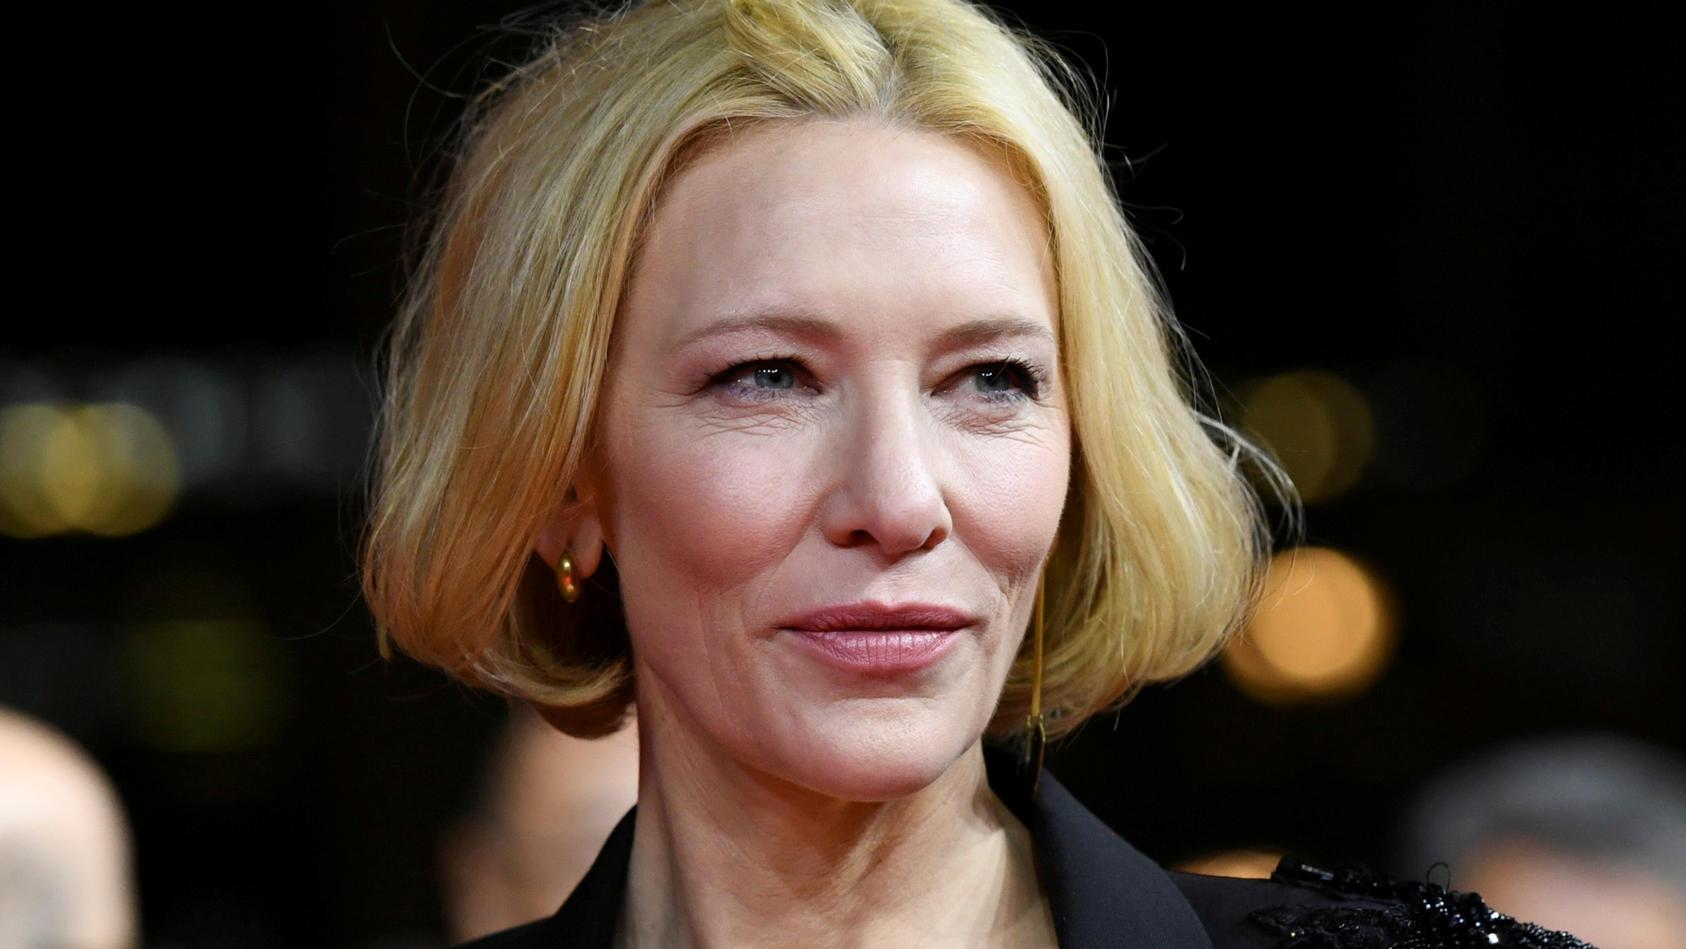 Glück im Unglück: Bei einem Unfall mit einer Kettensäge verletzte sich Cate Blanchett leicht